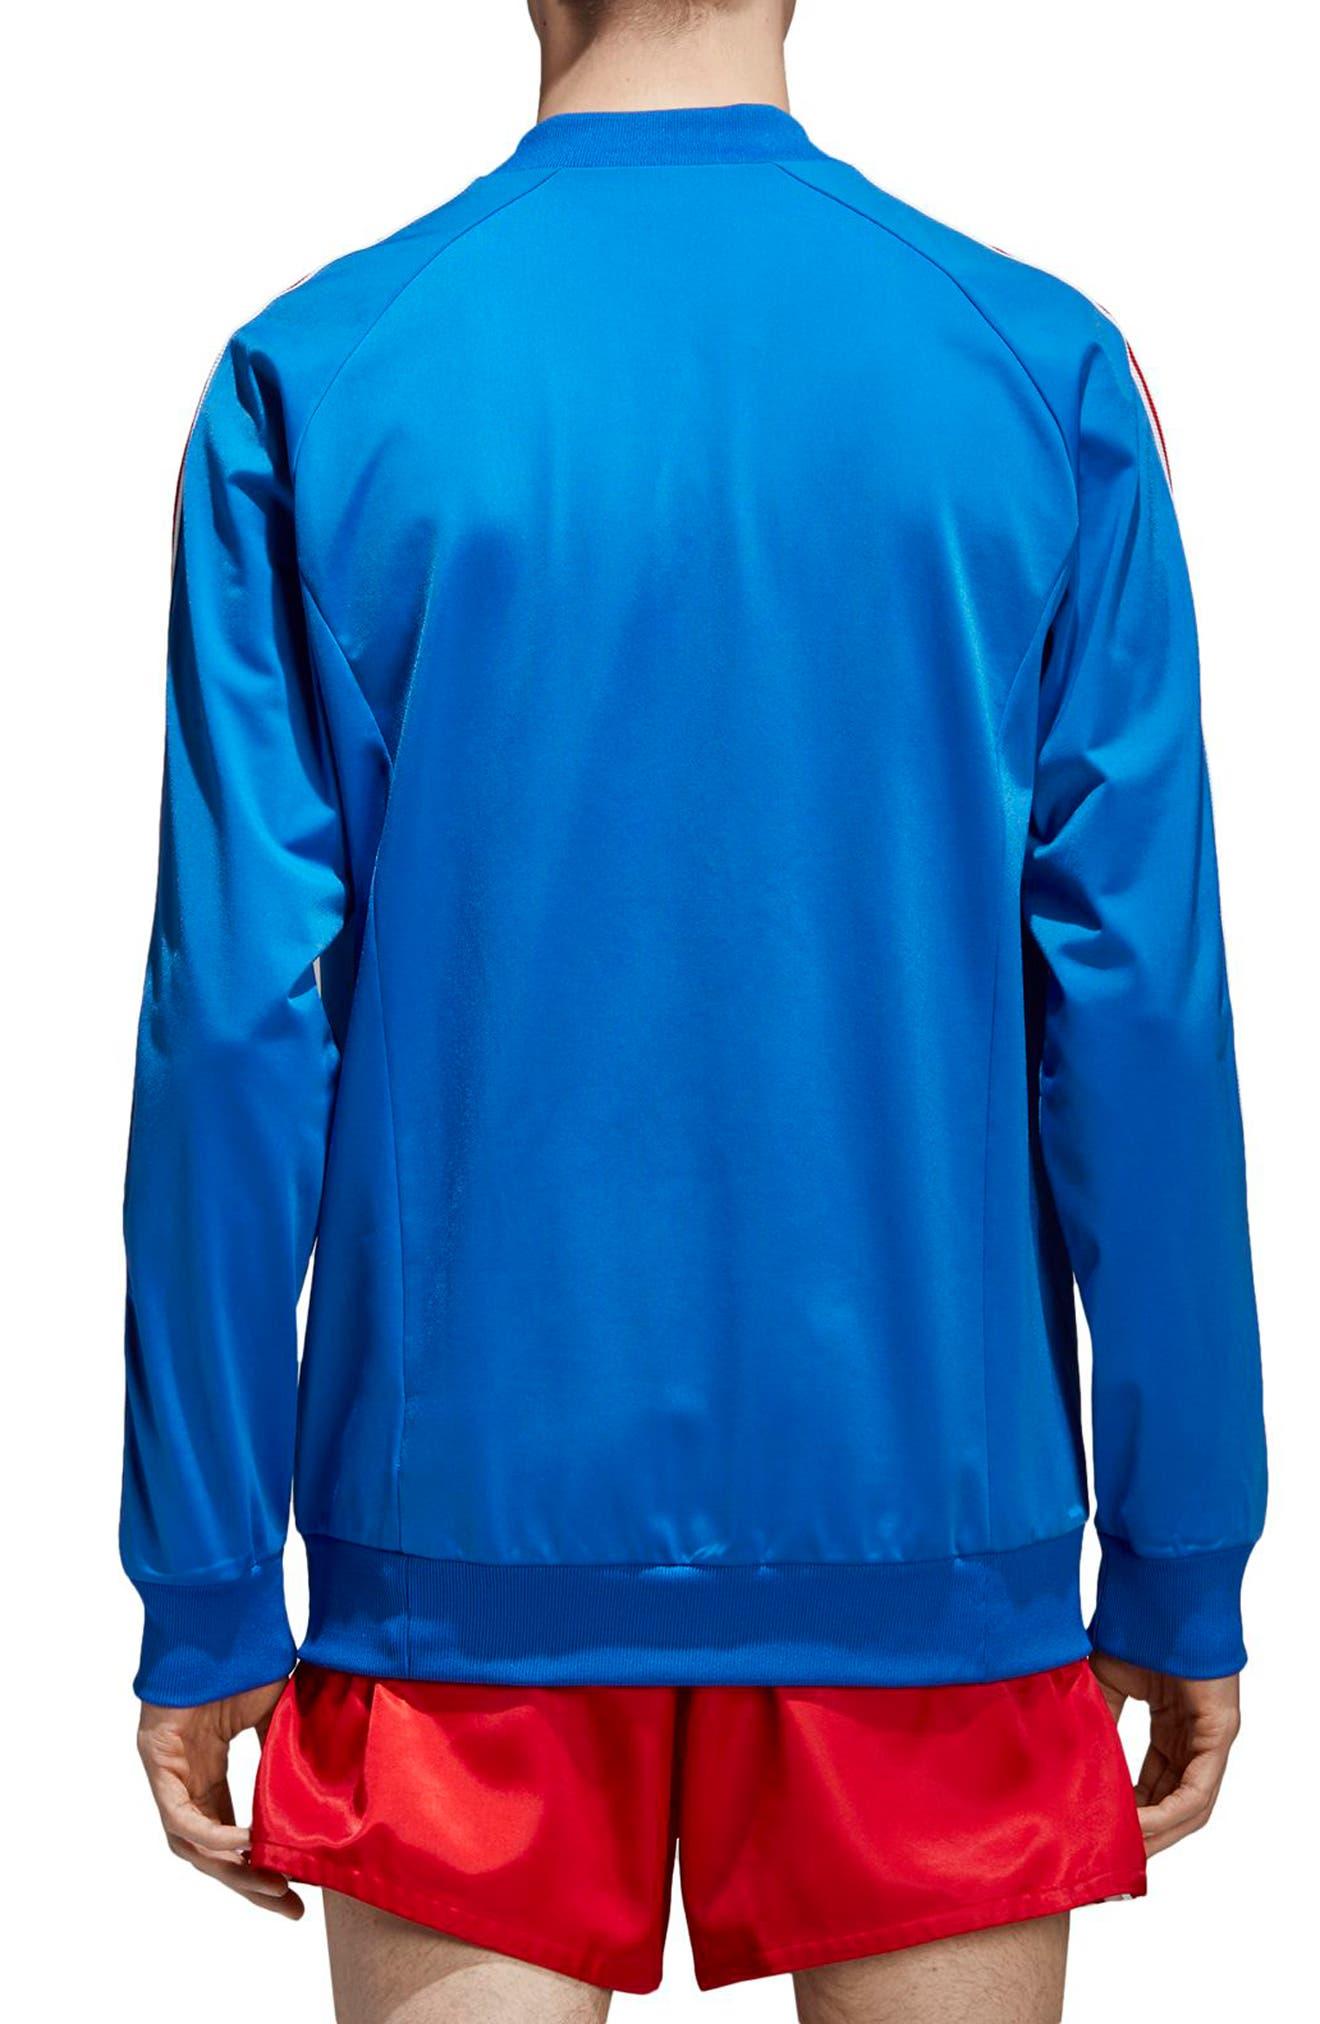 SST Track Jacket,                             Alternate thumbnail 2, color,                             Blue